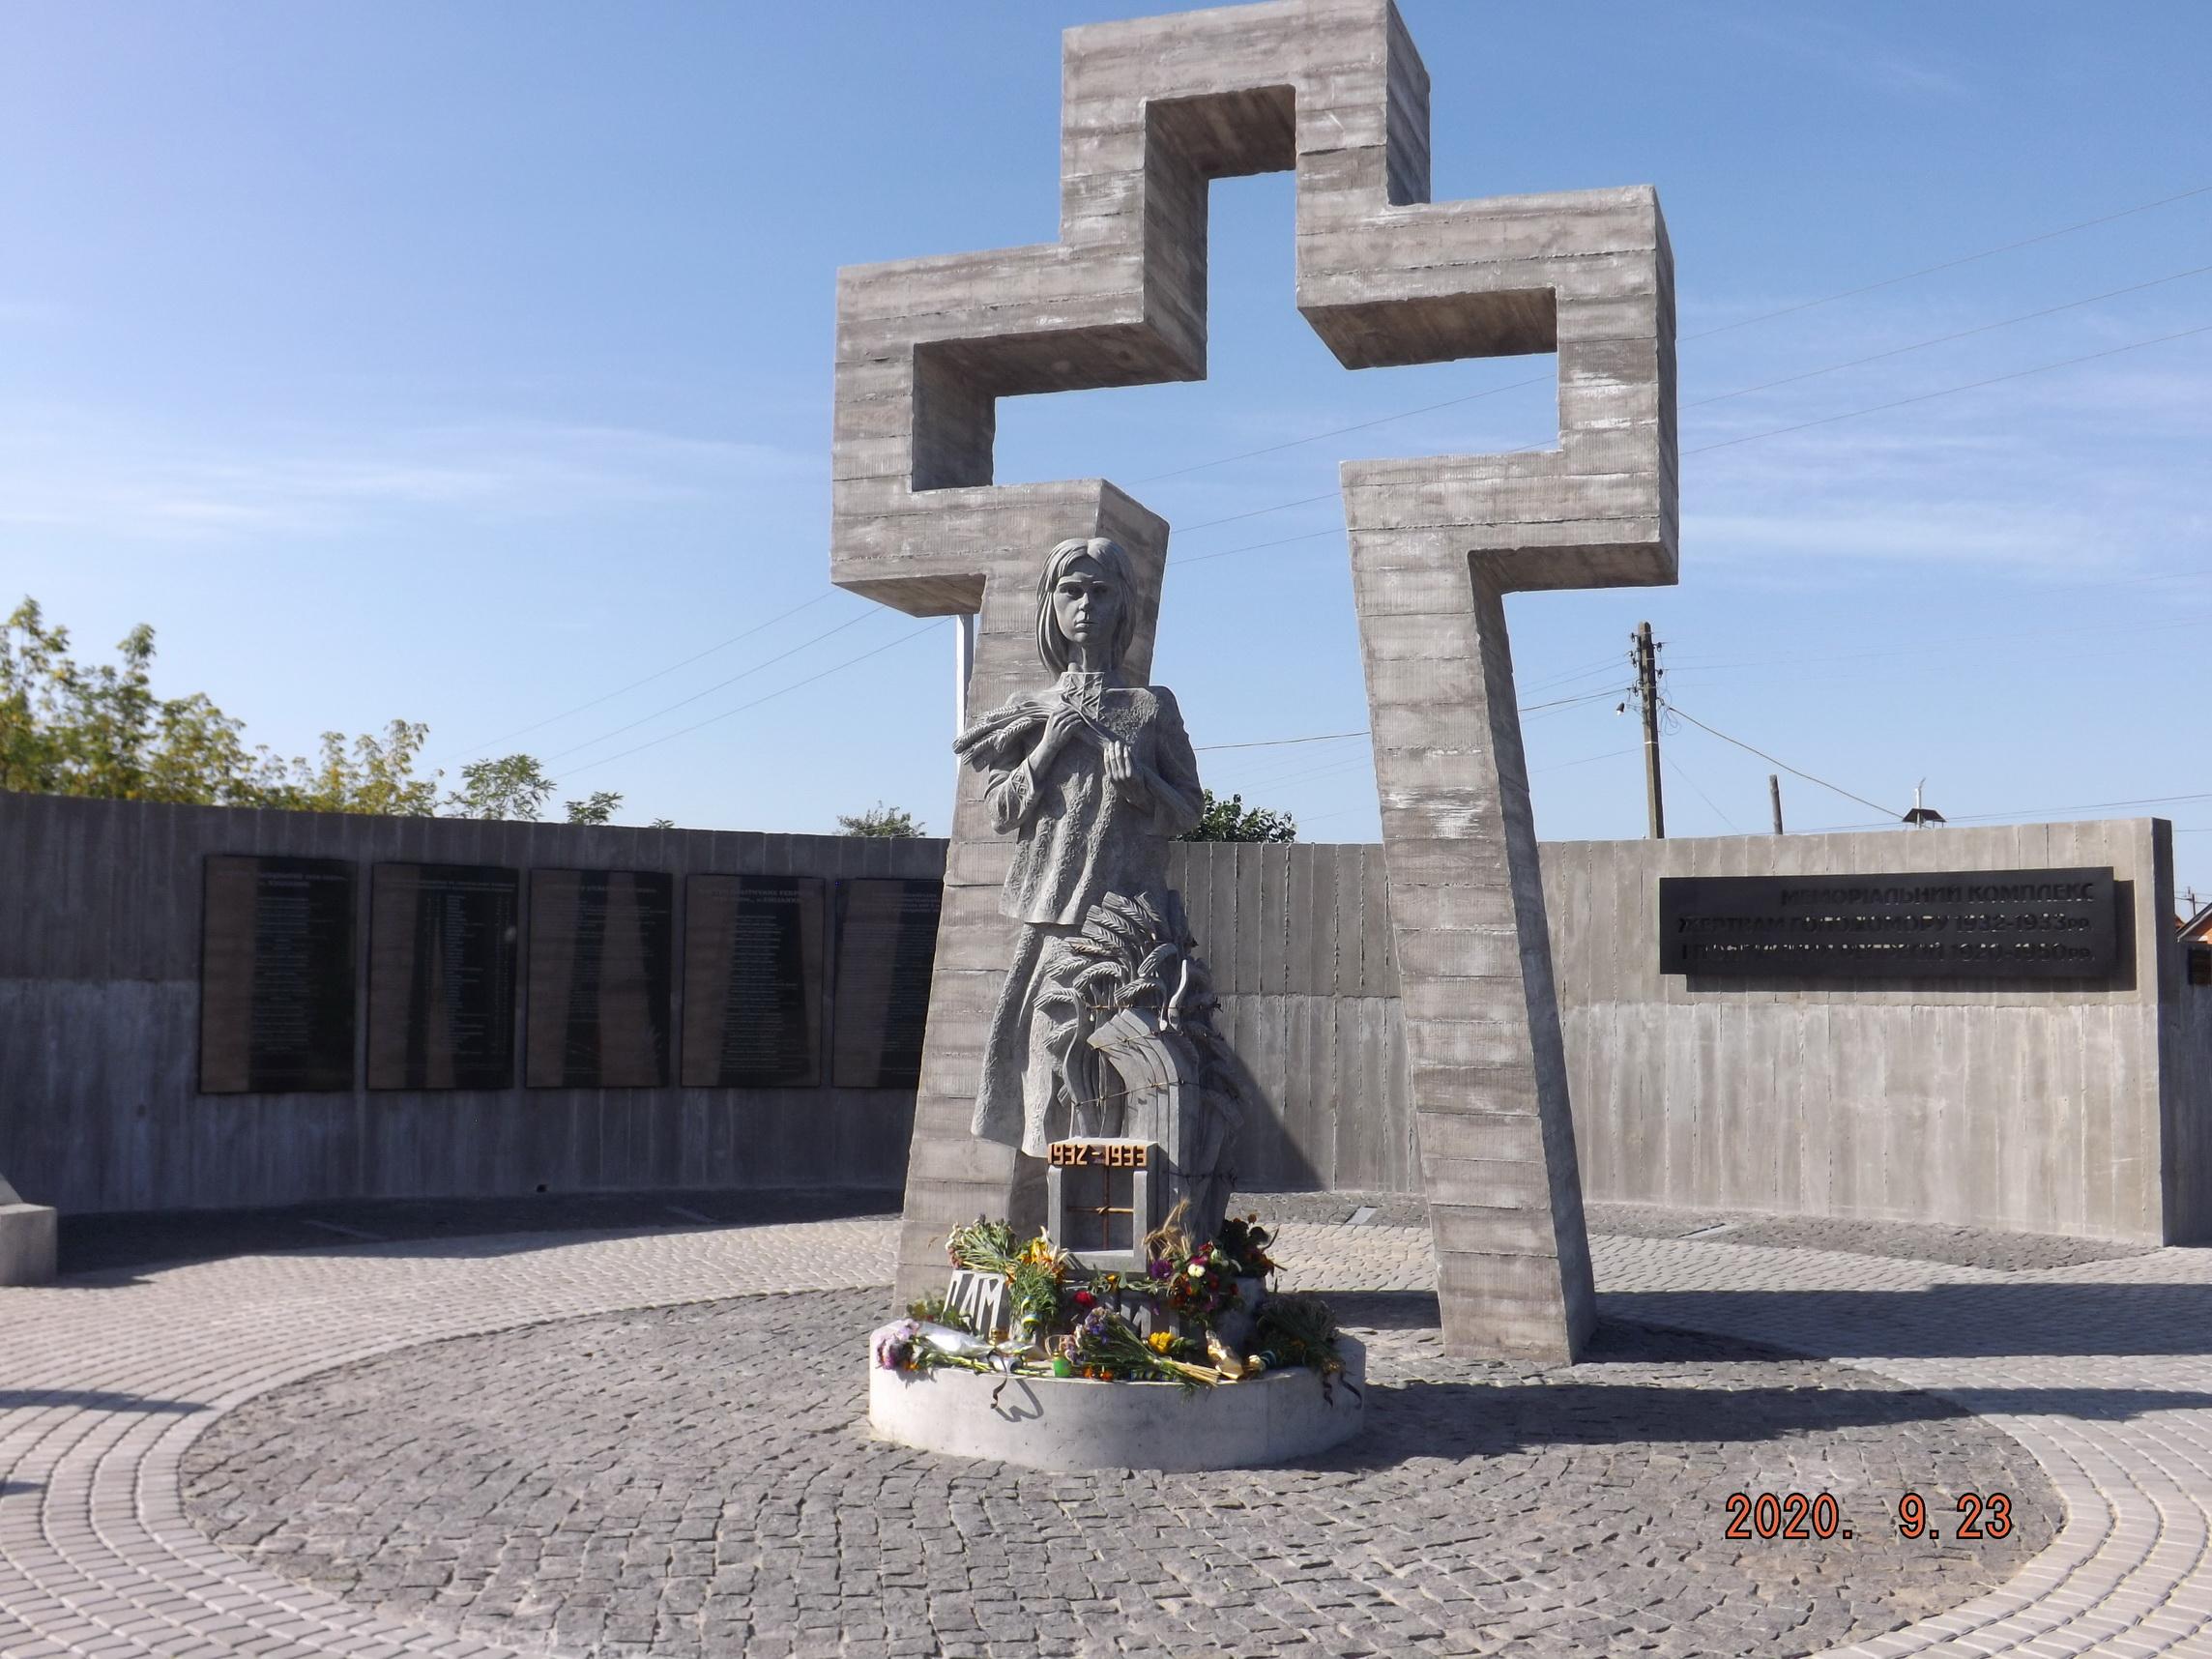 Меморіальний комплекс жертвам Голодомору 1932-1933 рр. і політичних репресій 1920-1950 рр. відкрили сьогодні у Хмільнику